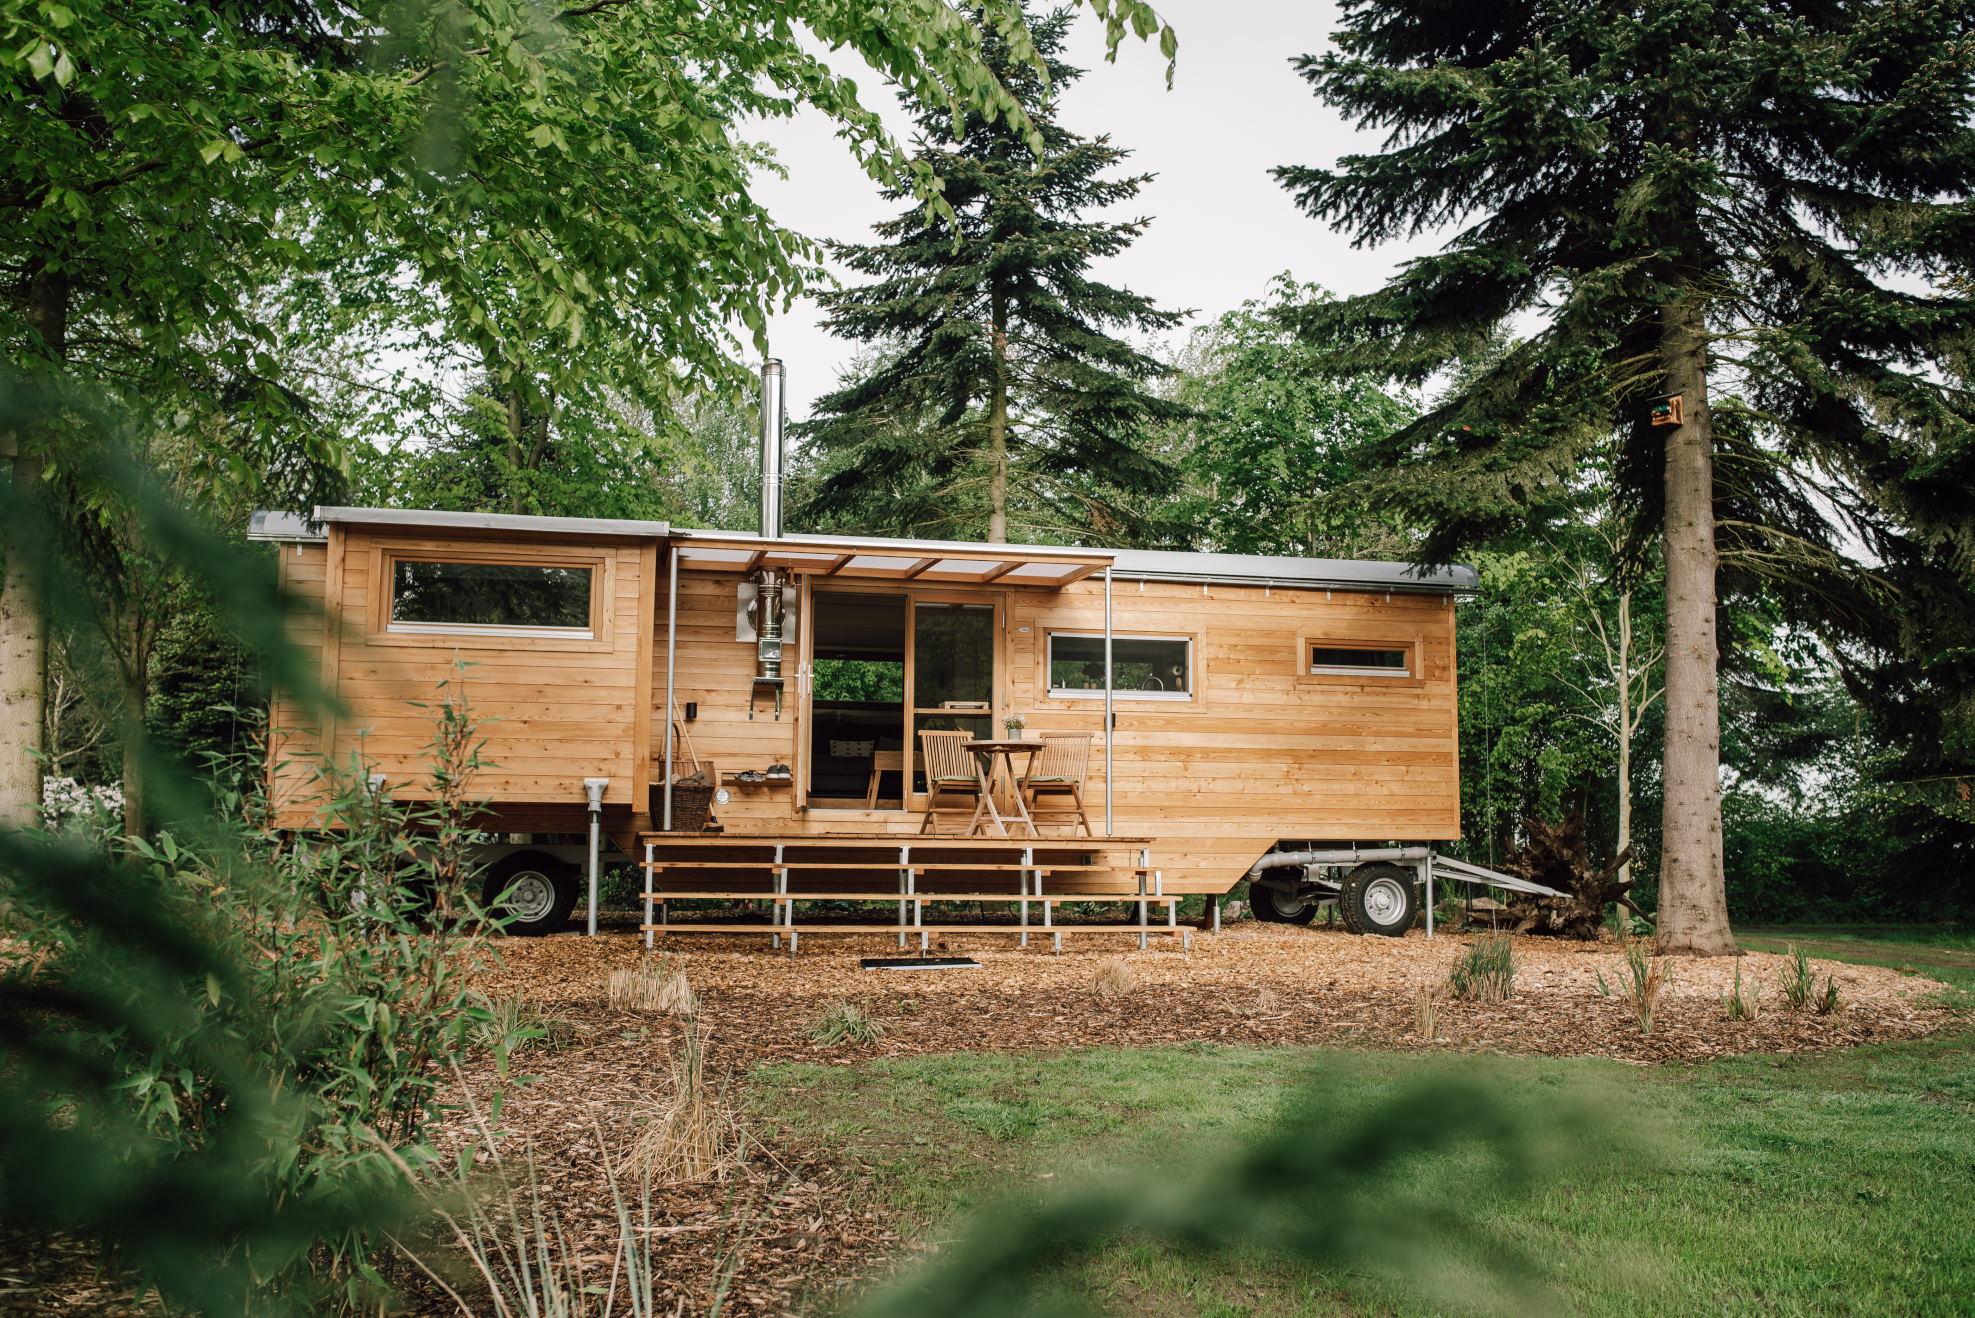 Vakantie in houten natuurhuisje in Drantum